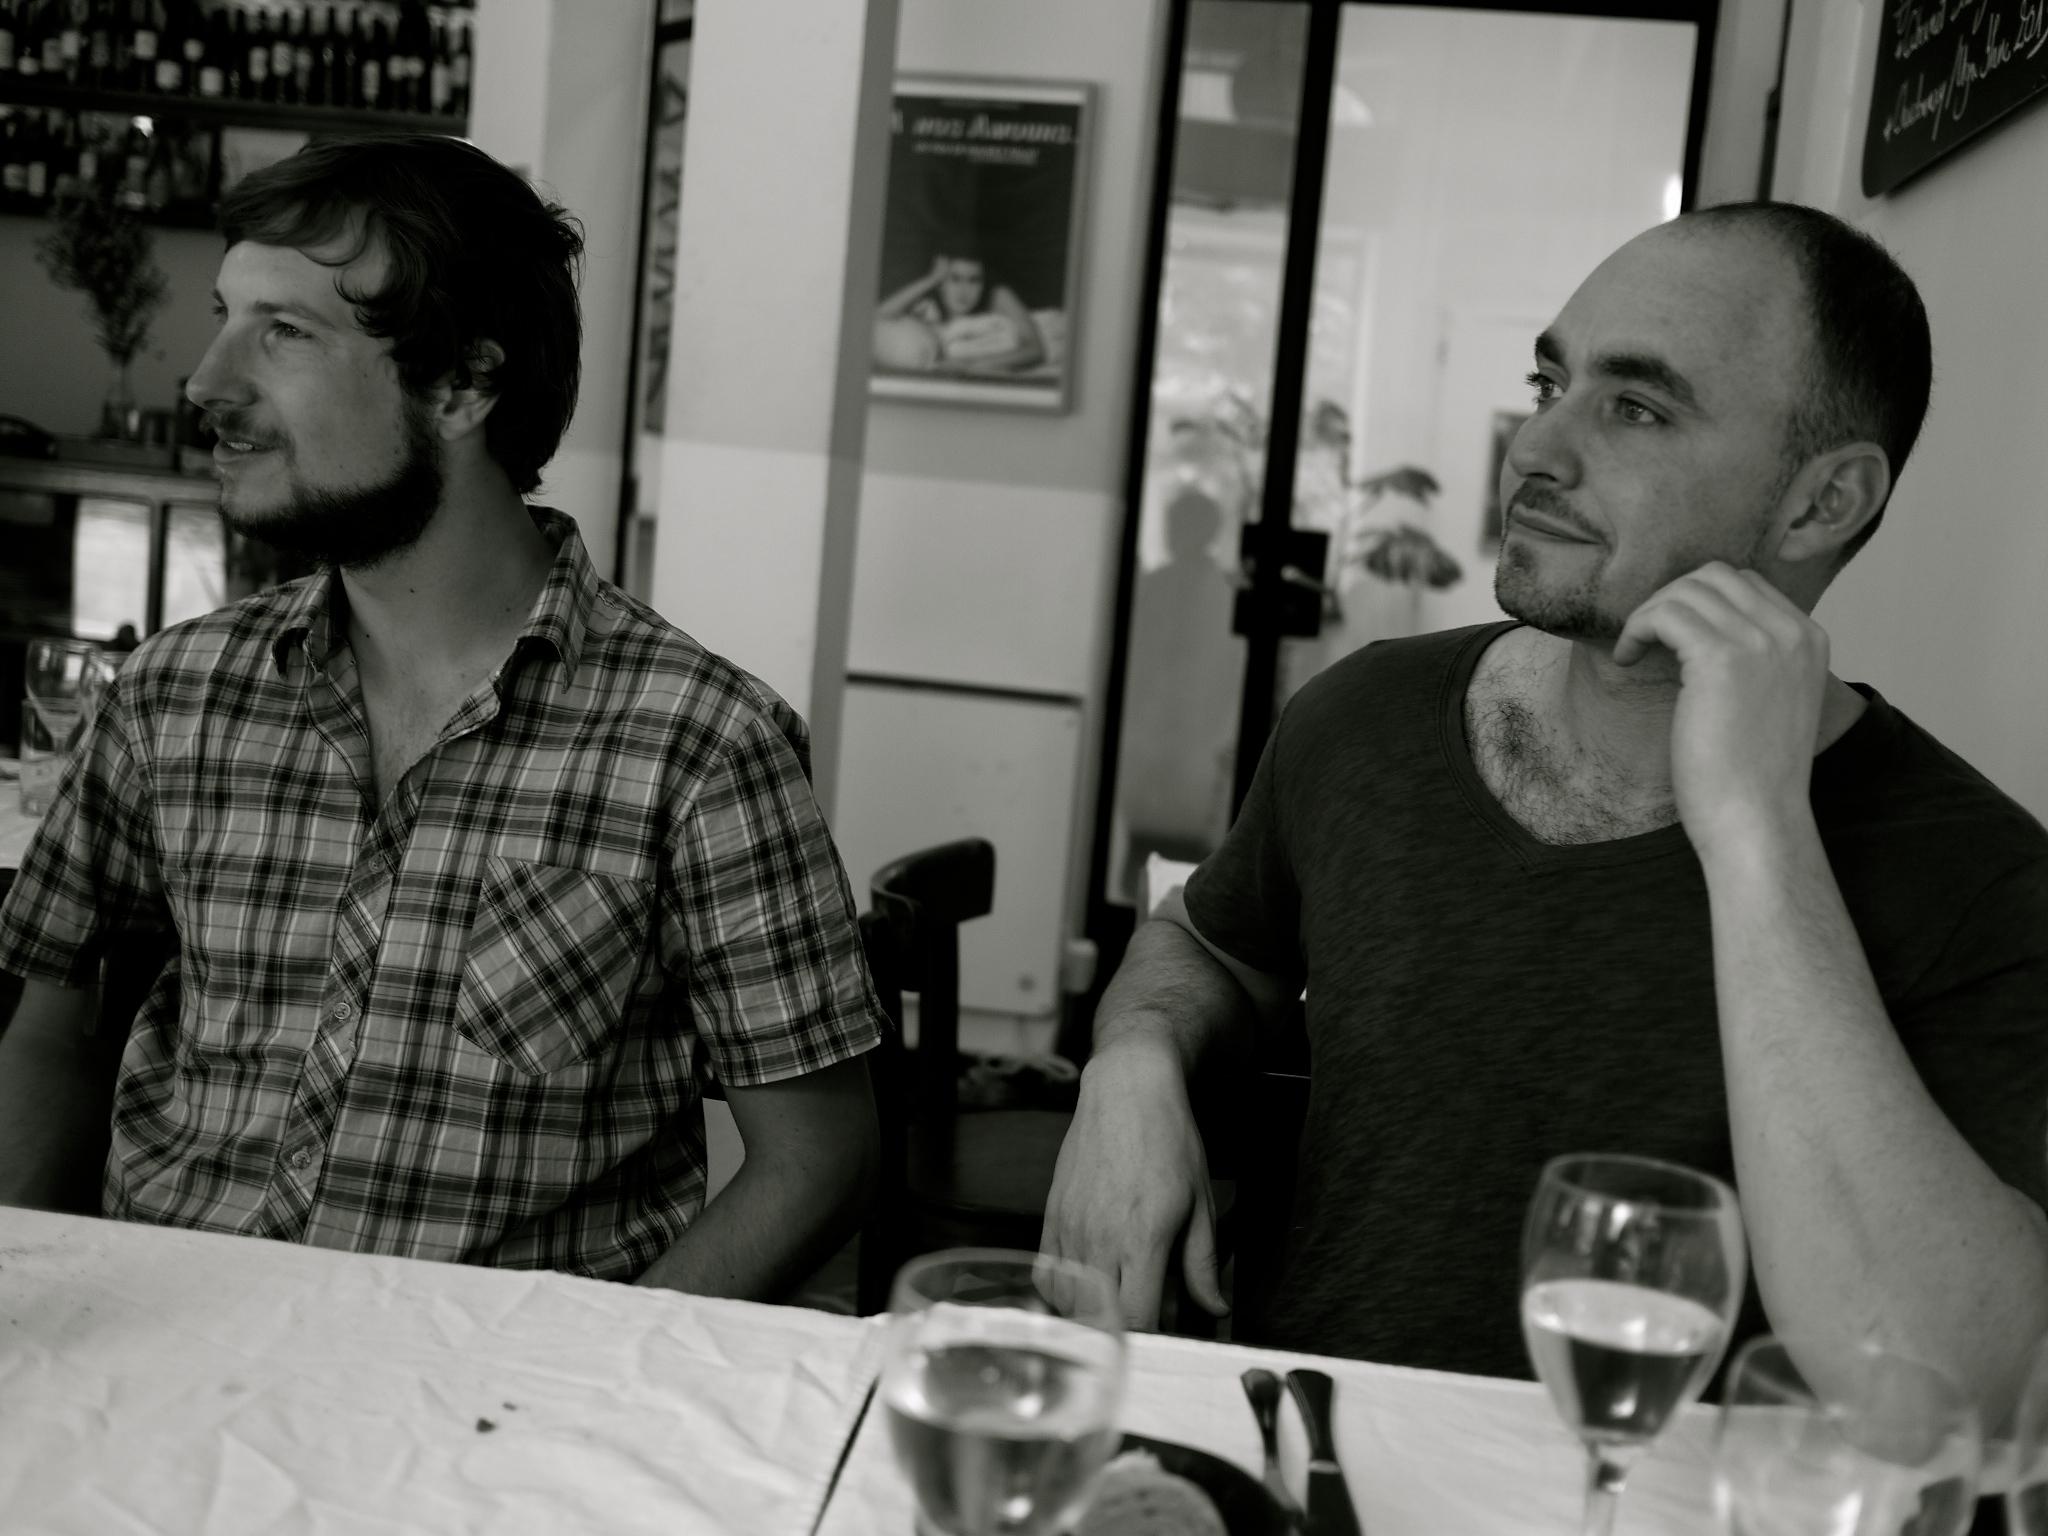 NOLAchef-buenos-aires-blog-summer-dreamin